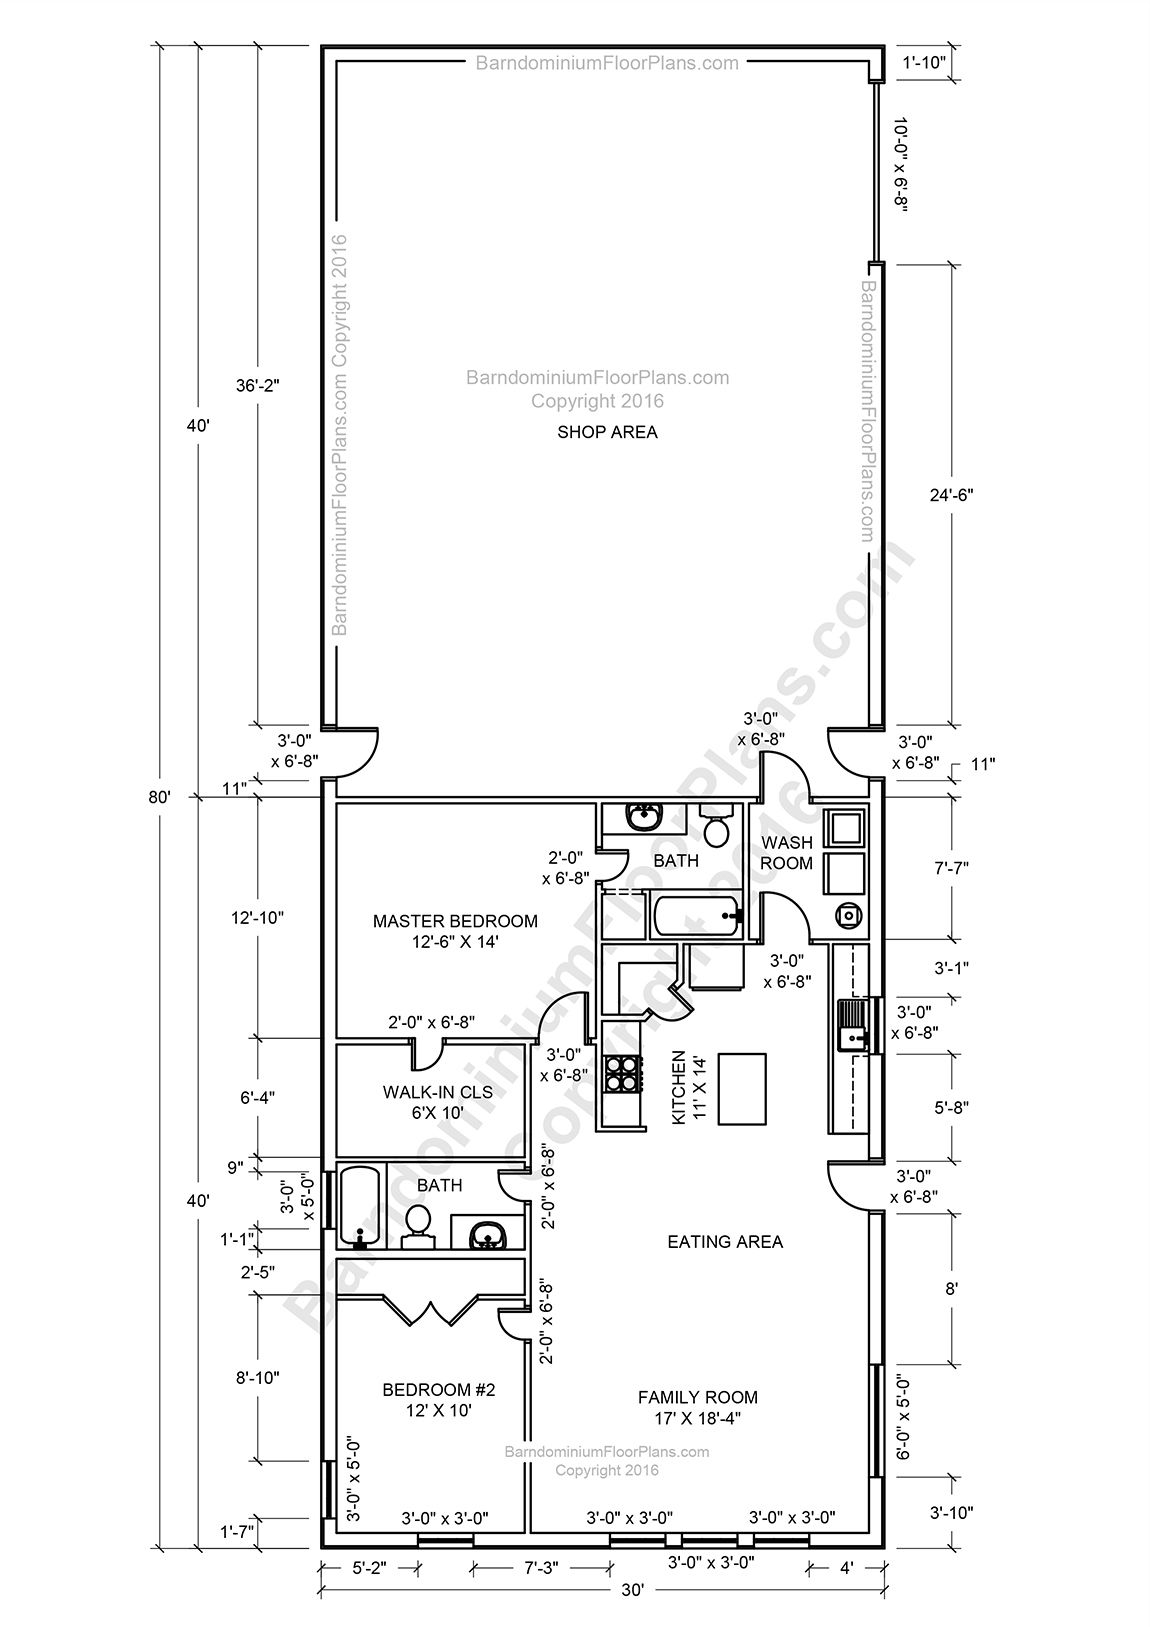 2 Bedroom 2 Bath Barndominium Floor Plan For 30 Foot Wide